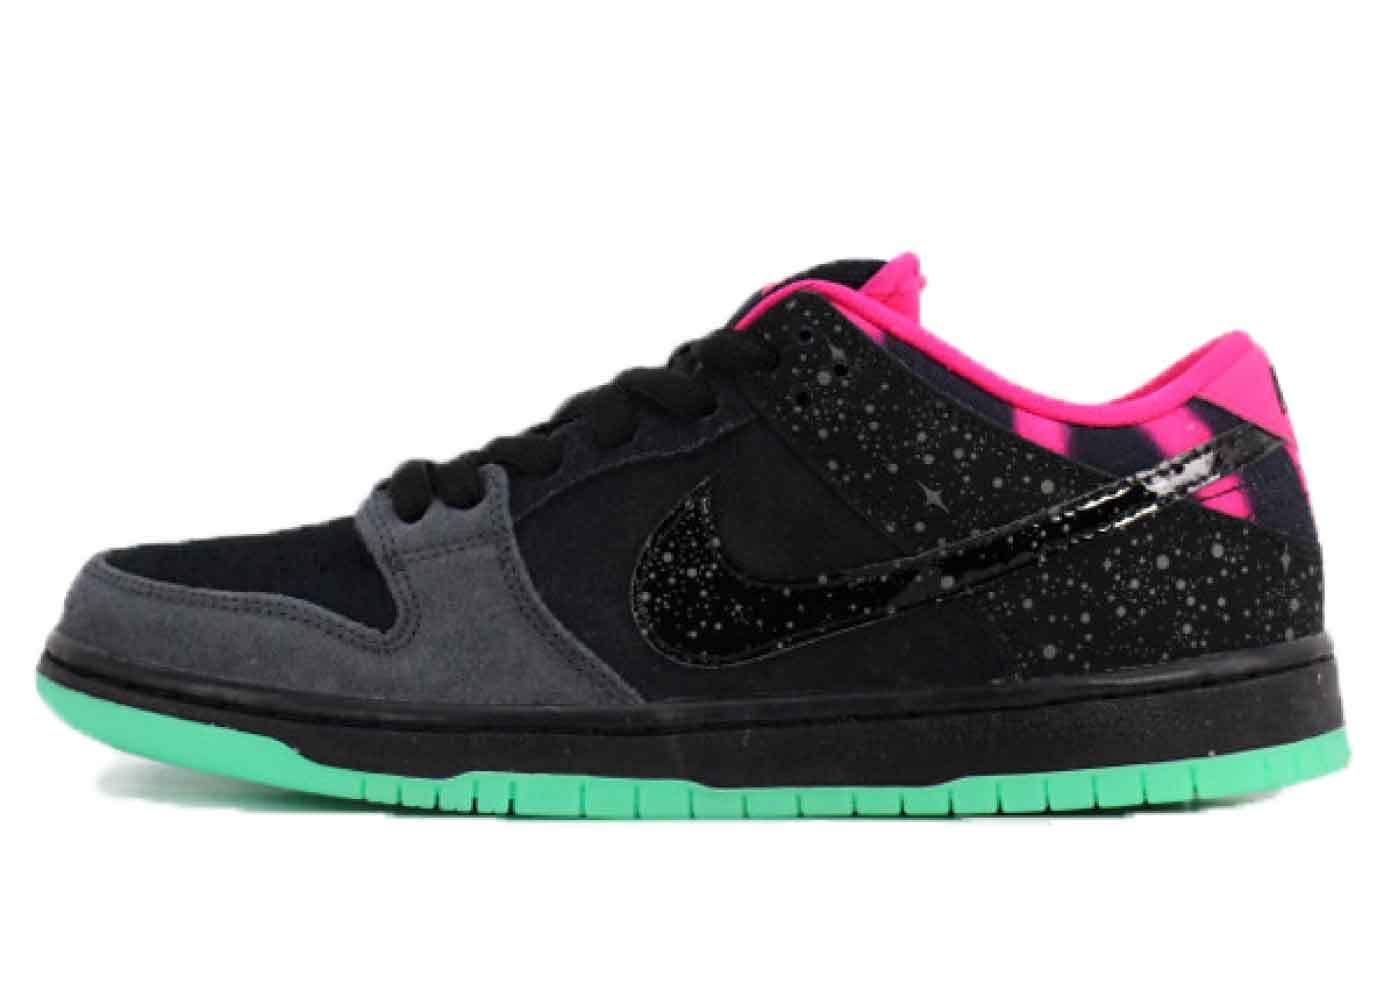 """Nike SB Dunk Low Premier """"Northern Lights""""の写真"""